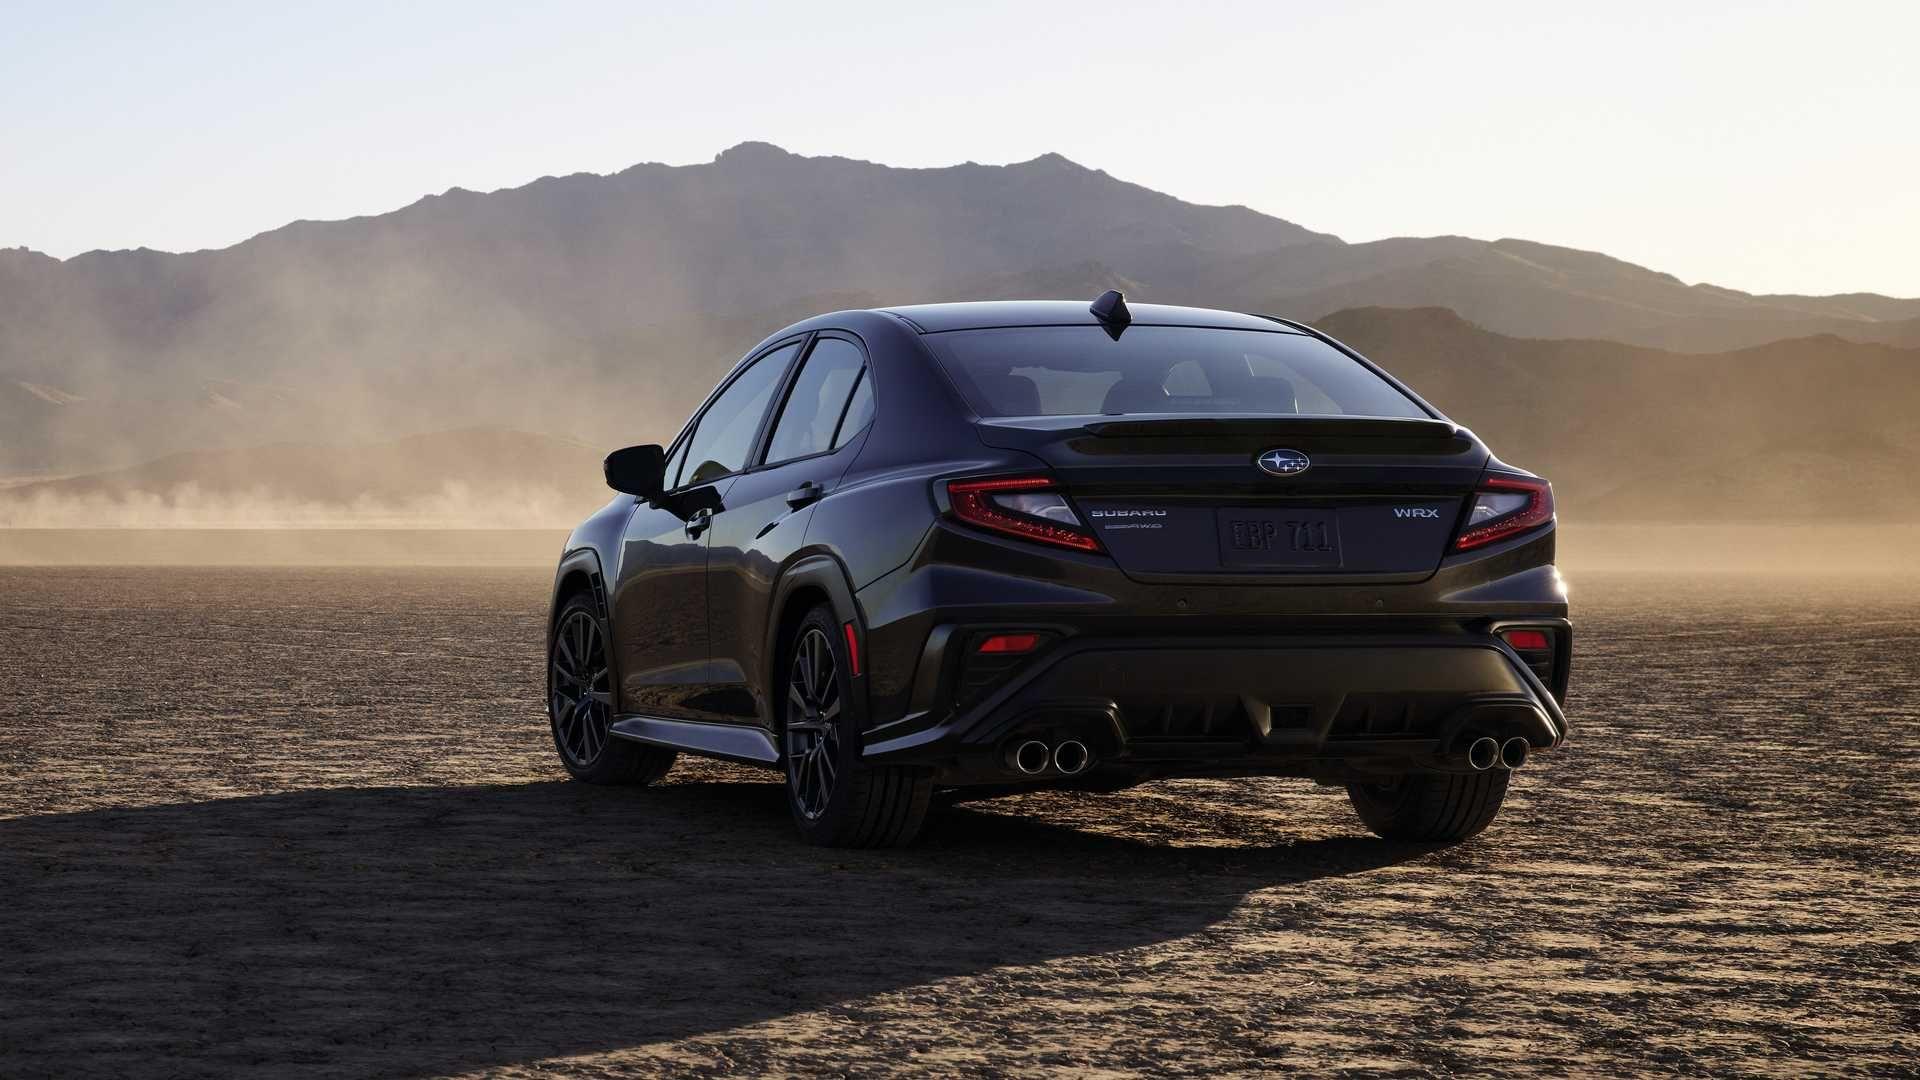 Subaru WRX нового поколения представлен официально 2